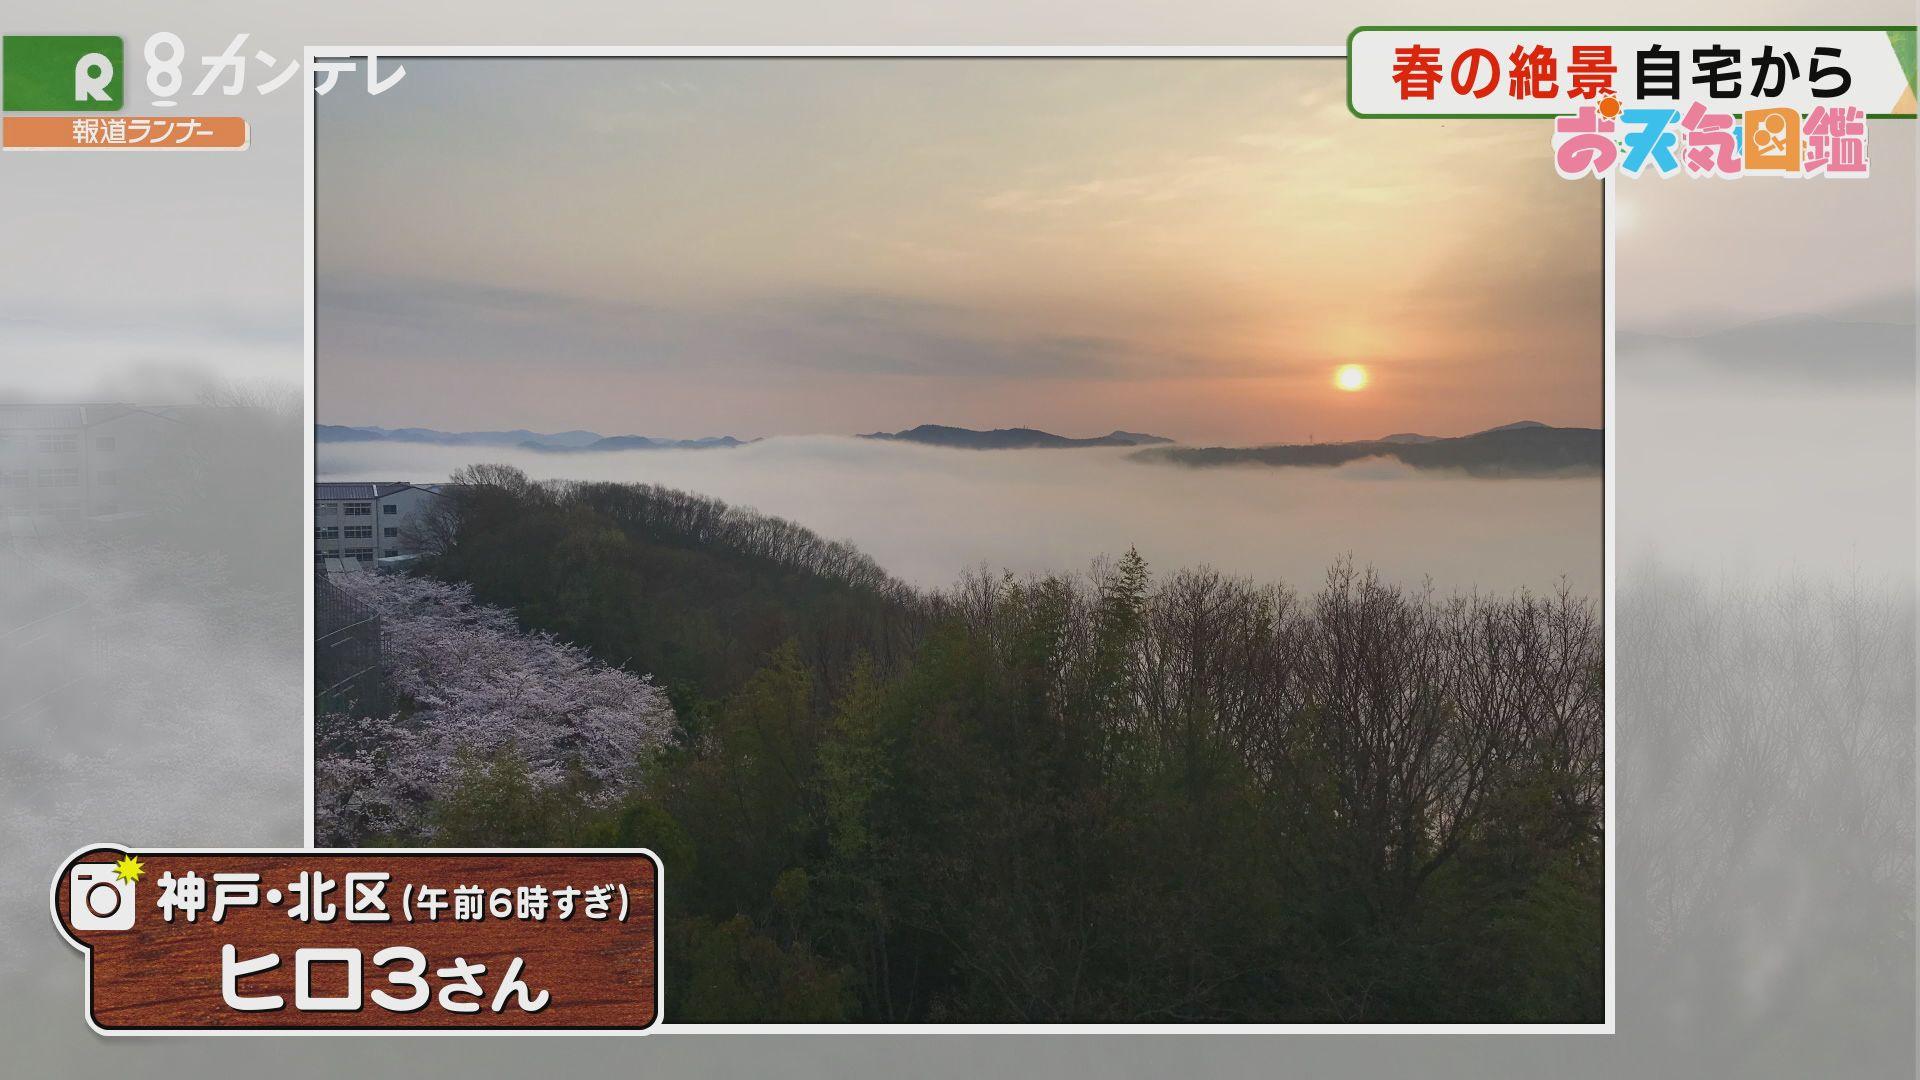 「春の絶景」(神戸市北区)